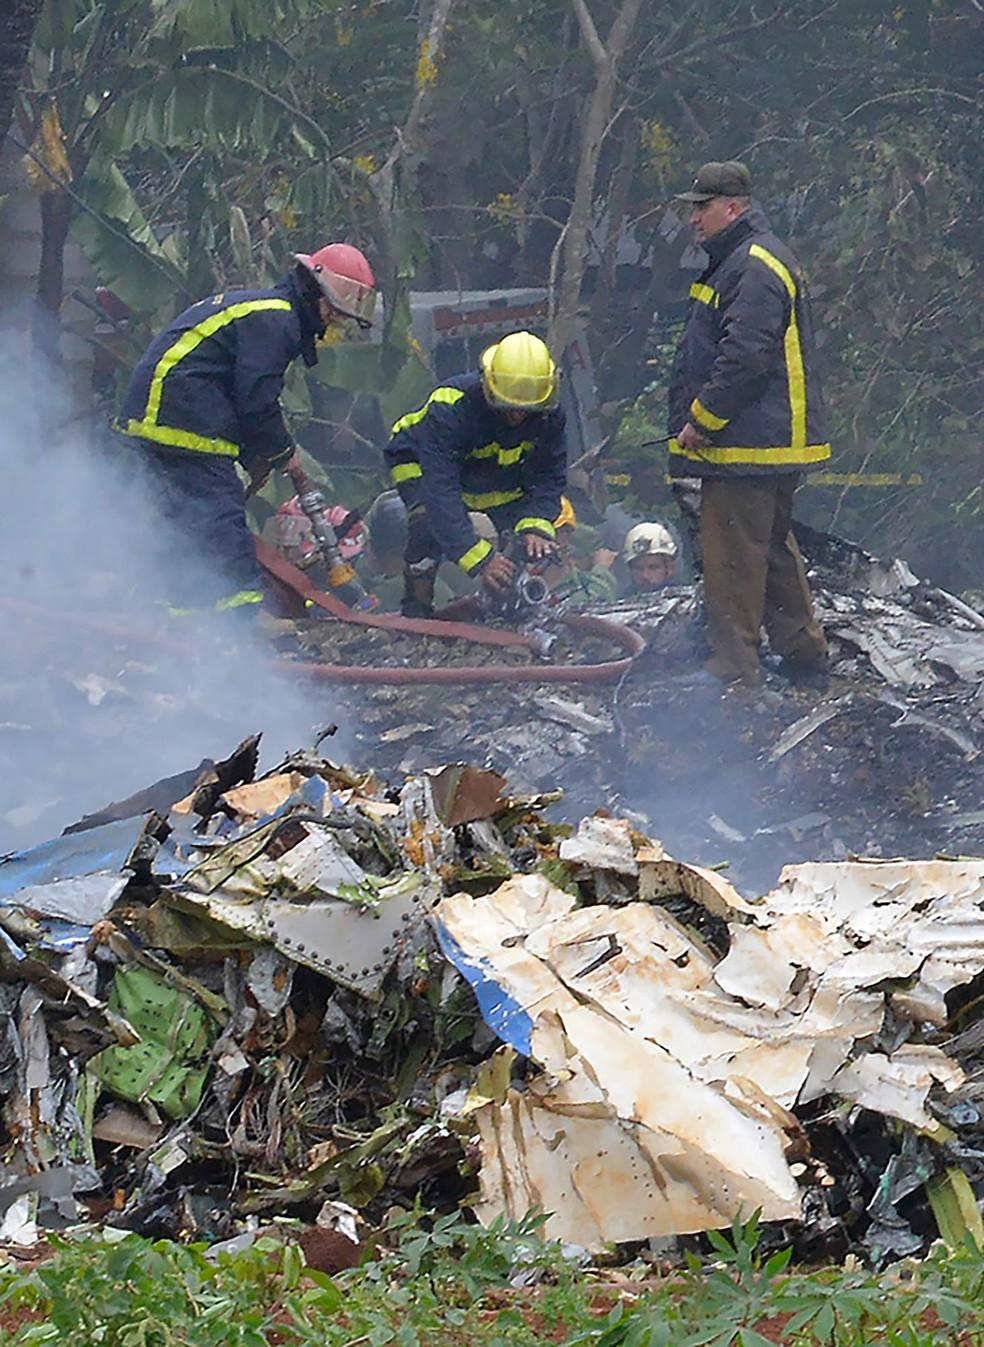 Bombeiros trabalham em meio aos destroços da aeronave caída em Havana (Foto: Adalberto Roque/AFP)